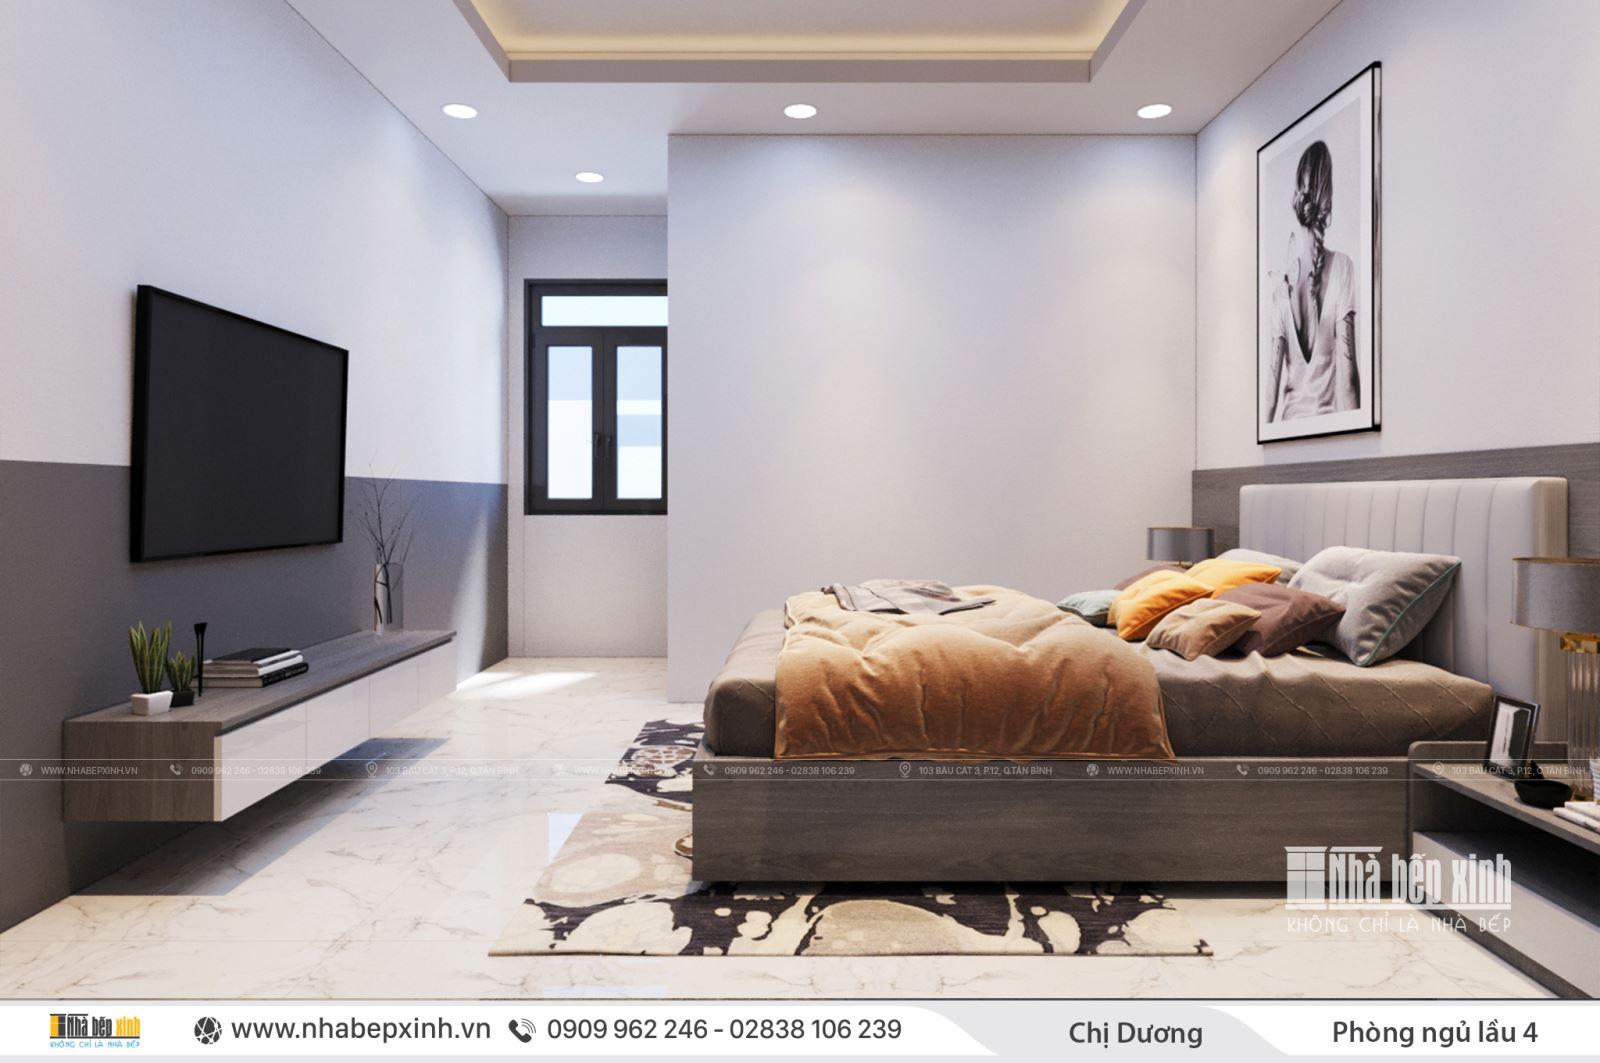 Thiết kế phòng ngủ đẹp hiện đại nhà chị Dương